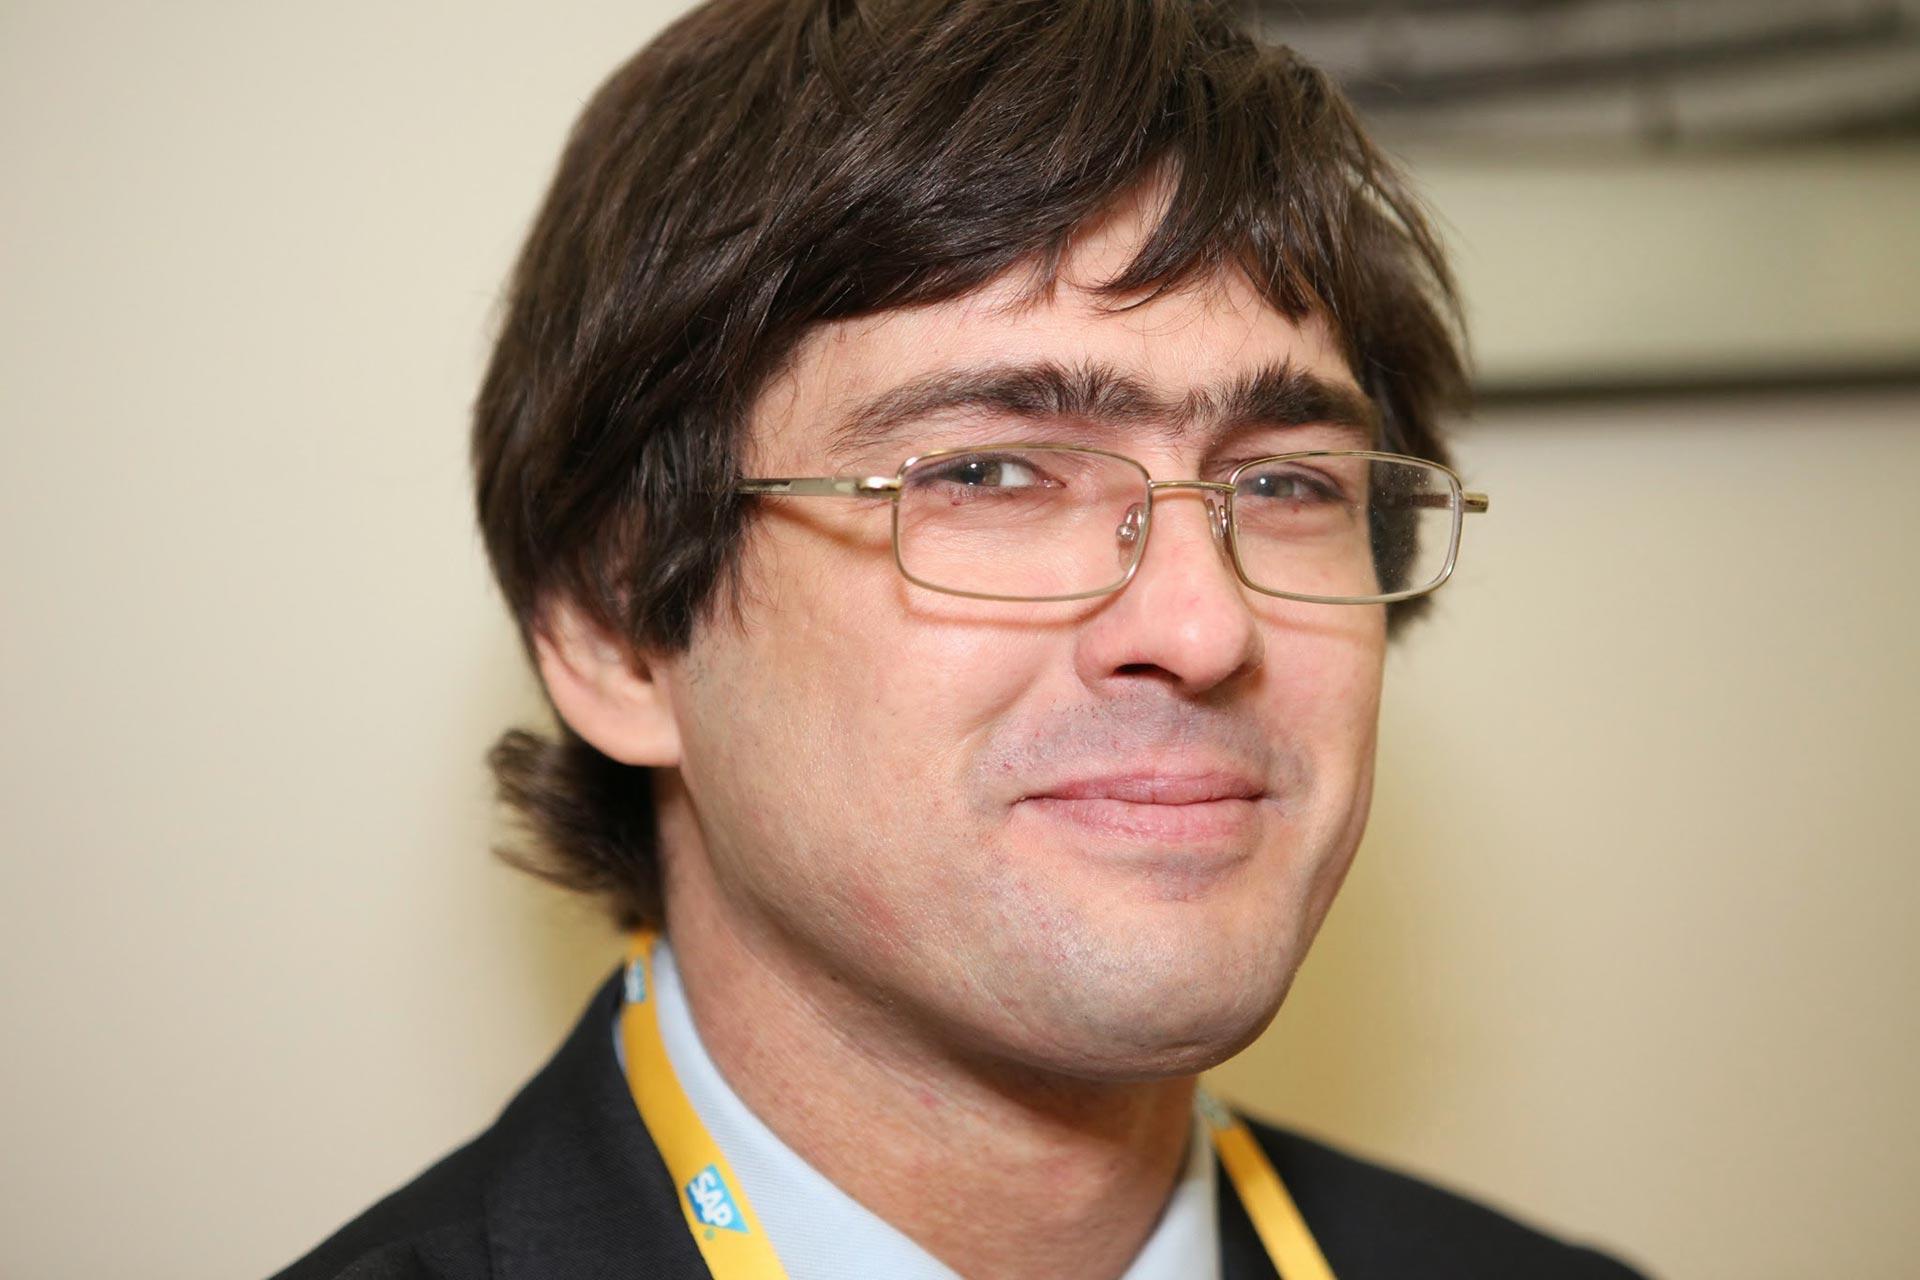 Александр Захаренко, кризисный управляющий (de facto)